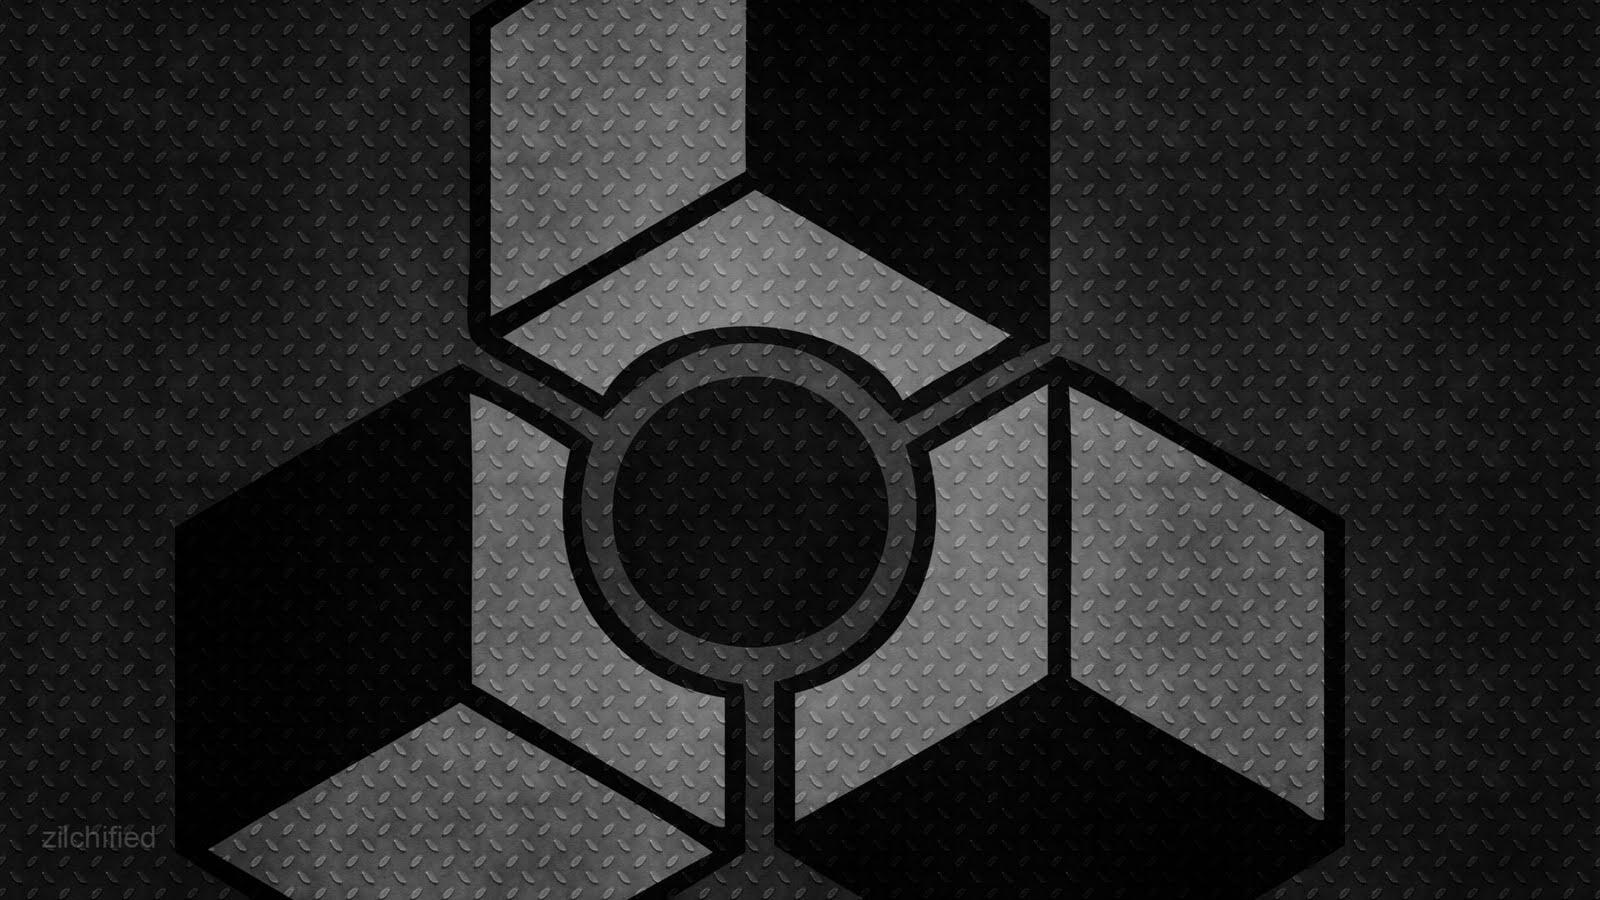 http://2.bp.blogspot.com/-EqOdP53NWQc/TdVVOIXJ0WI/AAAAAAAAAfU/PqVFqim_ReQ/s1600/propellerheads_reason-wallpaper.jpg